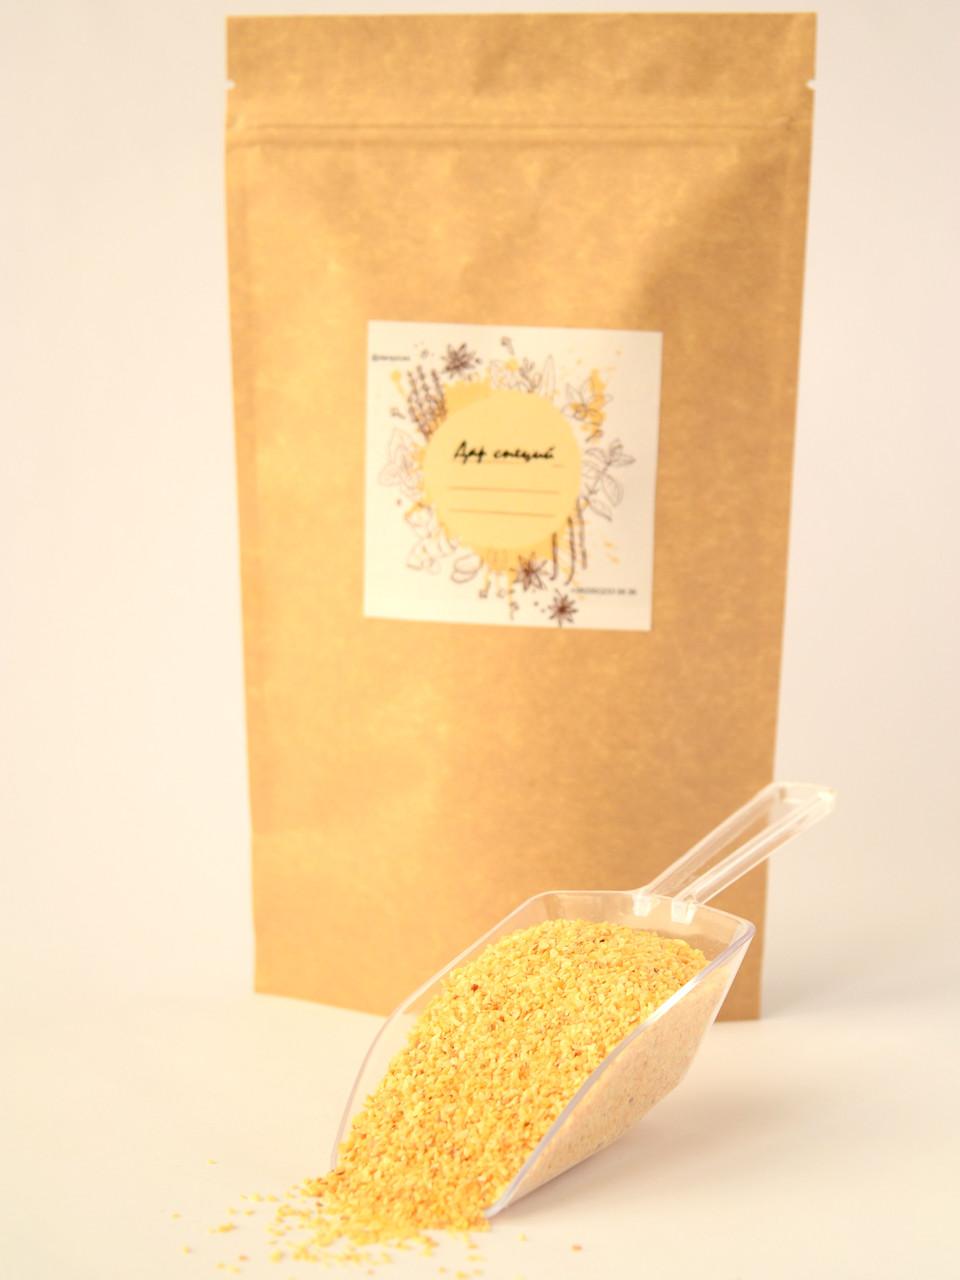 Чеснок сушеный гранула  1,2*2,4мм  (16*26меш)